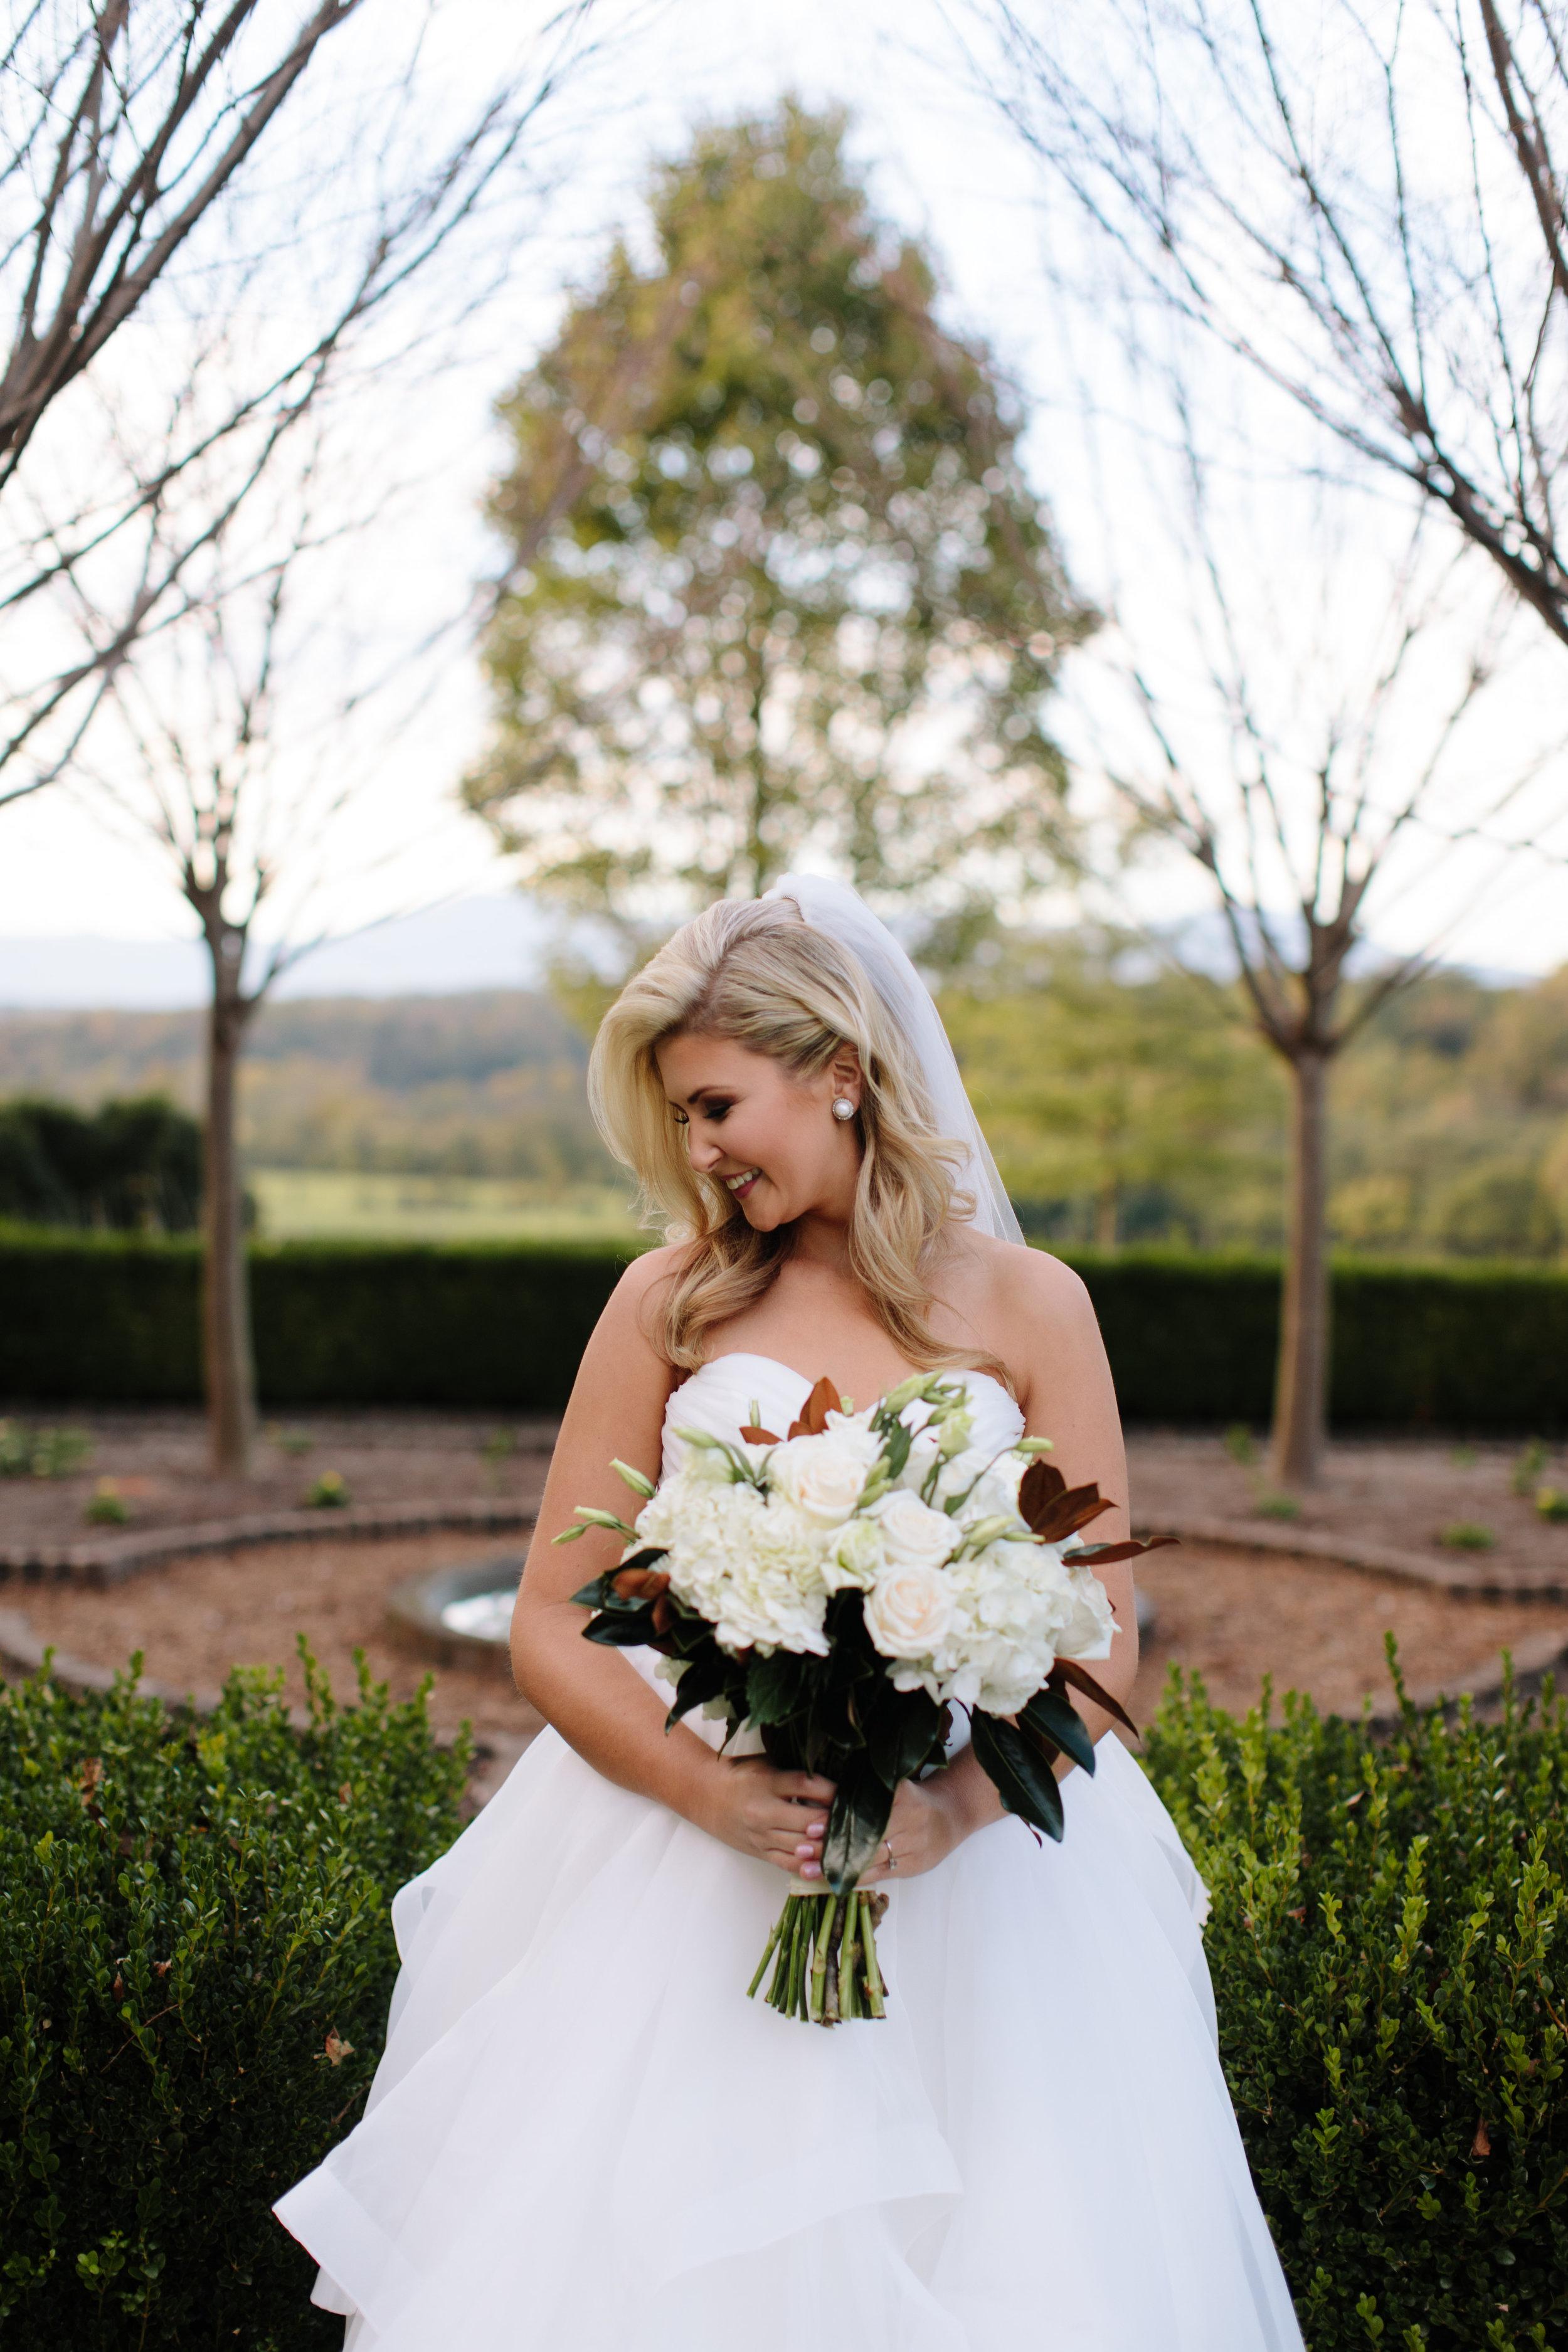 Leanna_Bridals-123.jpg